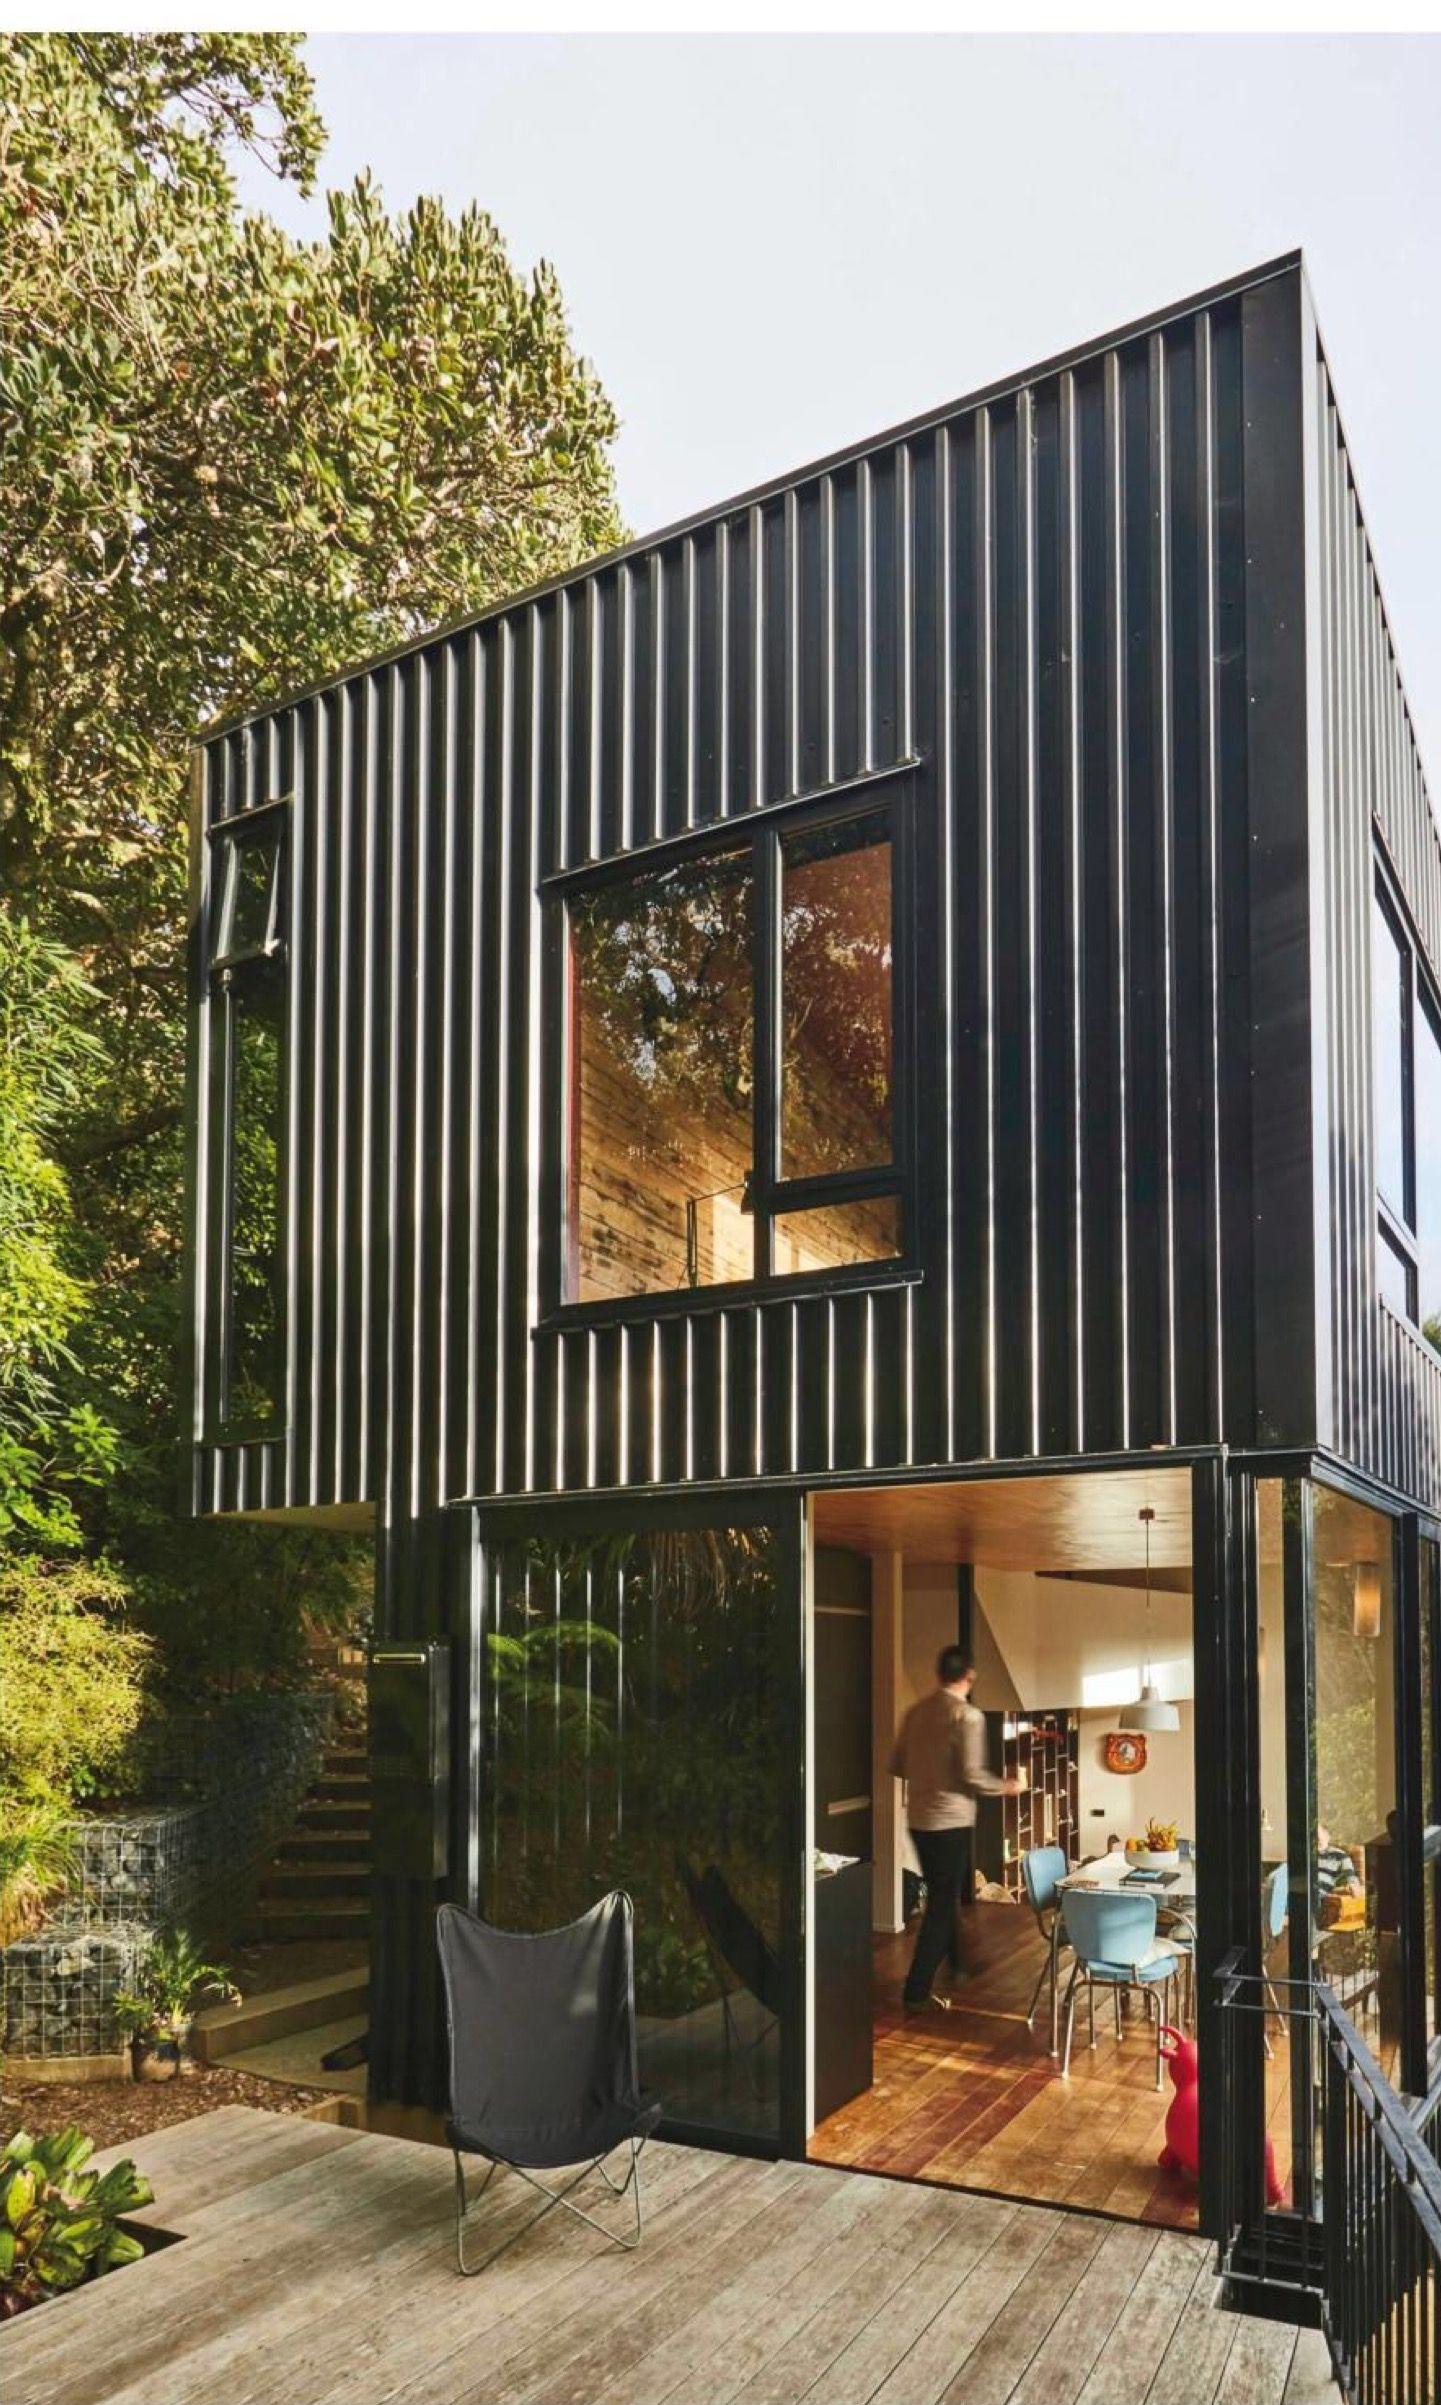 Fassade Haus Kleine Häuser Haus Design Betonplatte Schatzinsel Gartenideen Containerhäuser Töchter